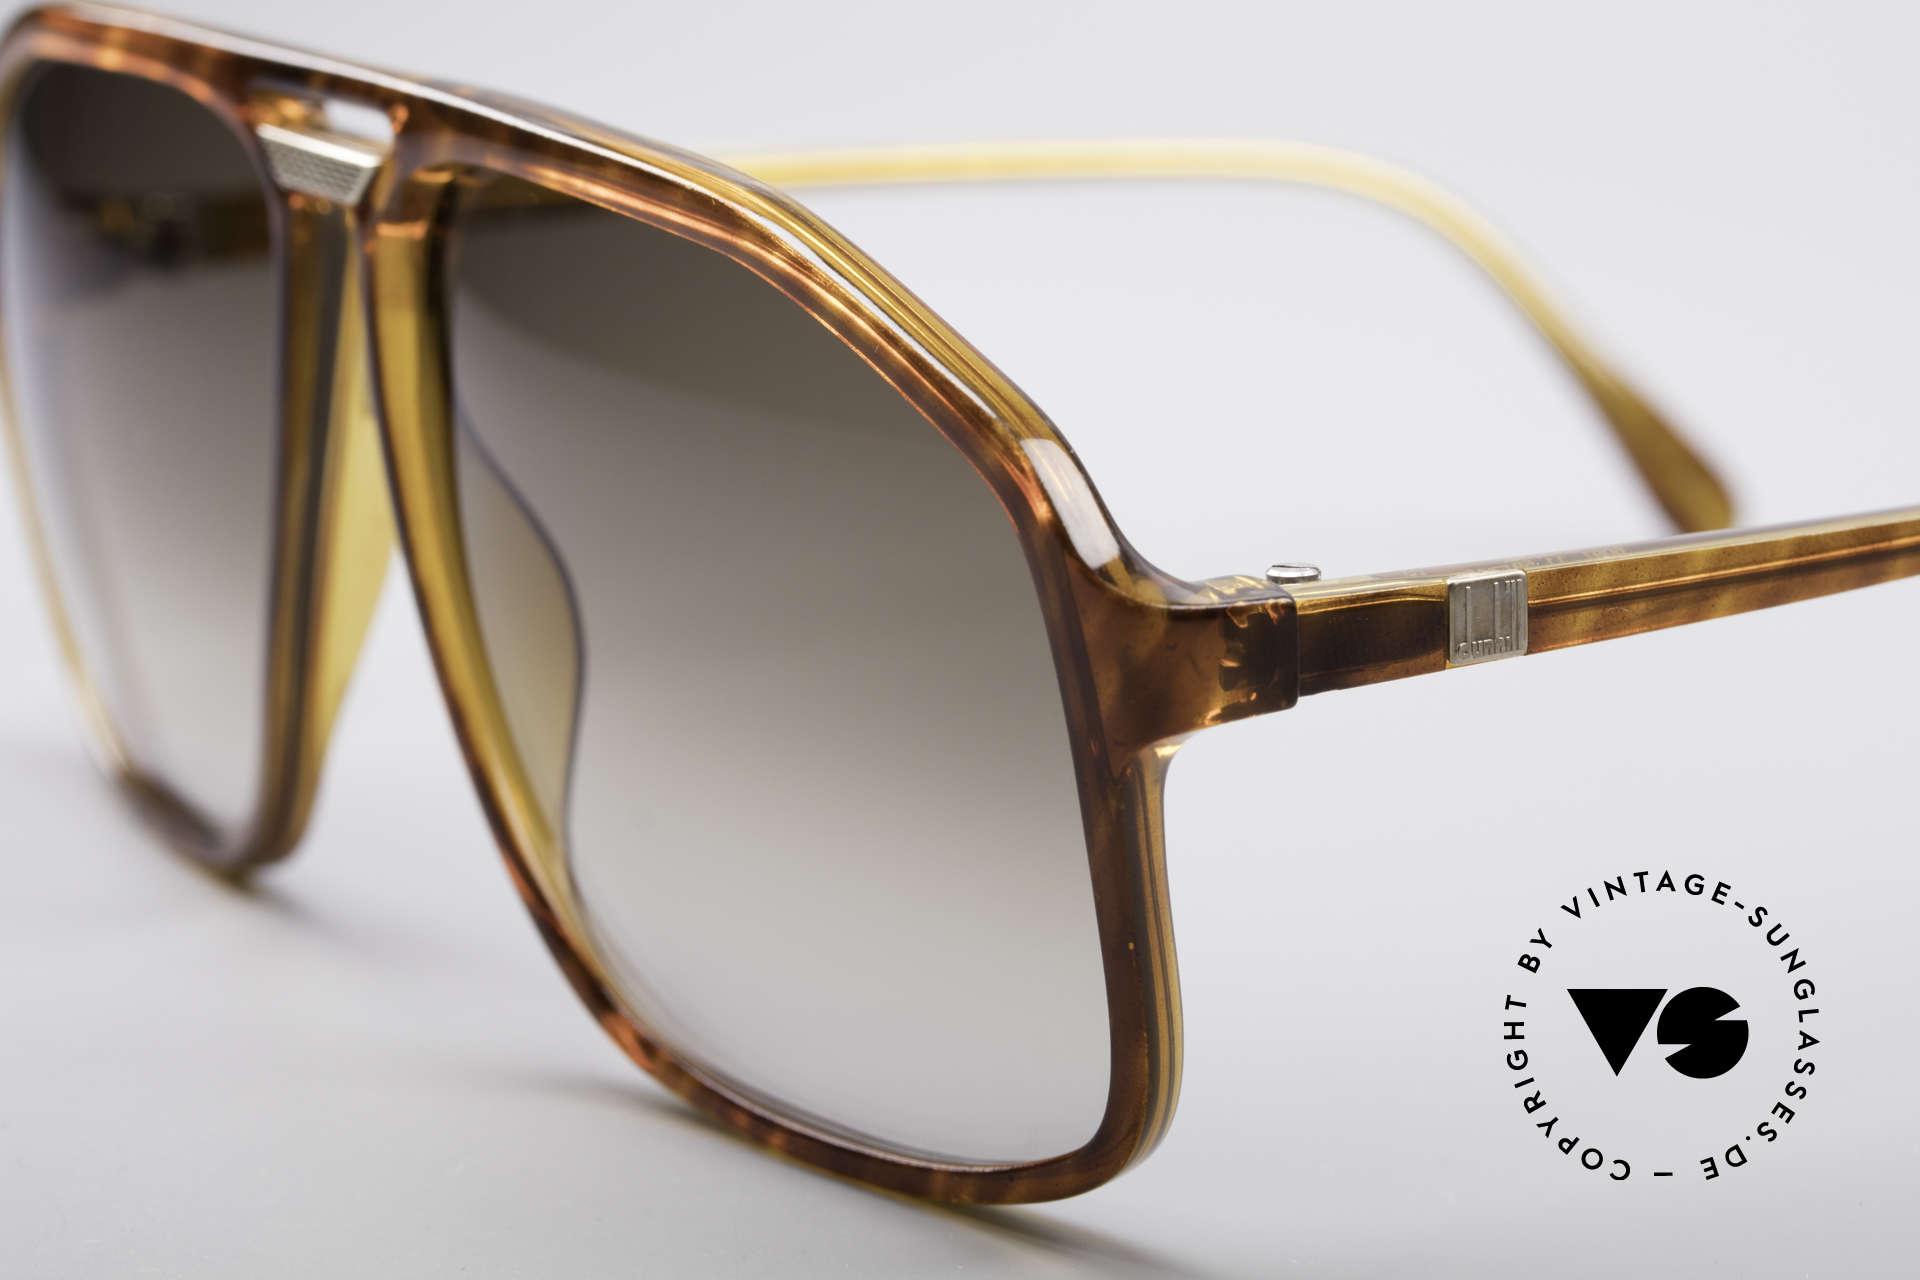 Dunhill 6097 90's Men's Sunglasses M, noble light-tortoise frame with brown-gradient lenses, Made for Men